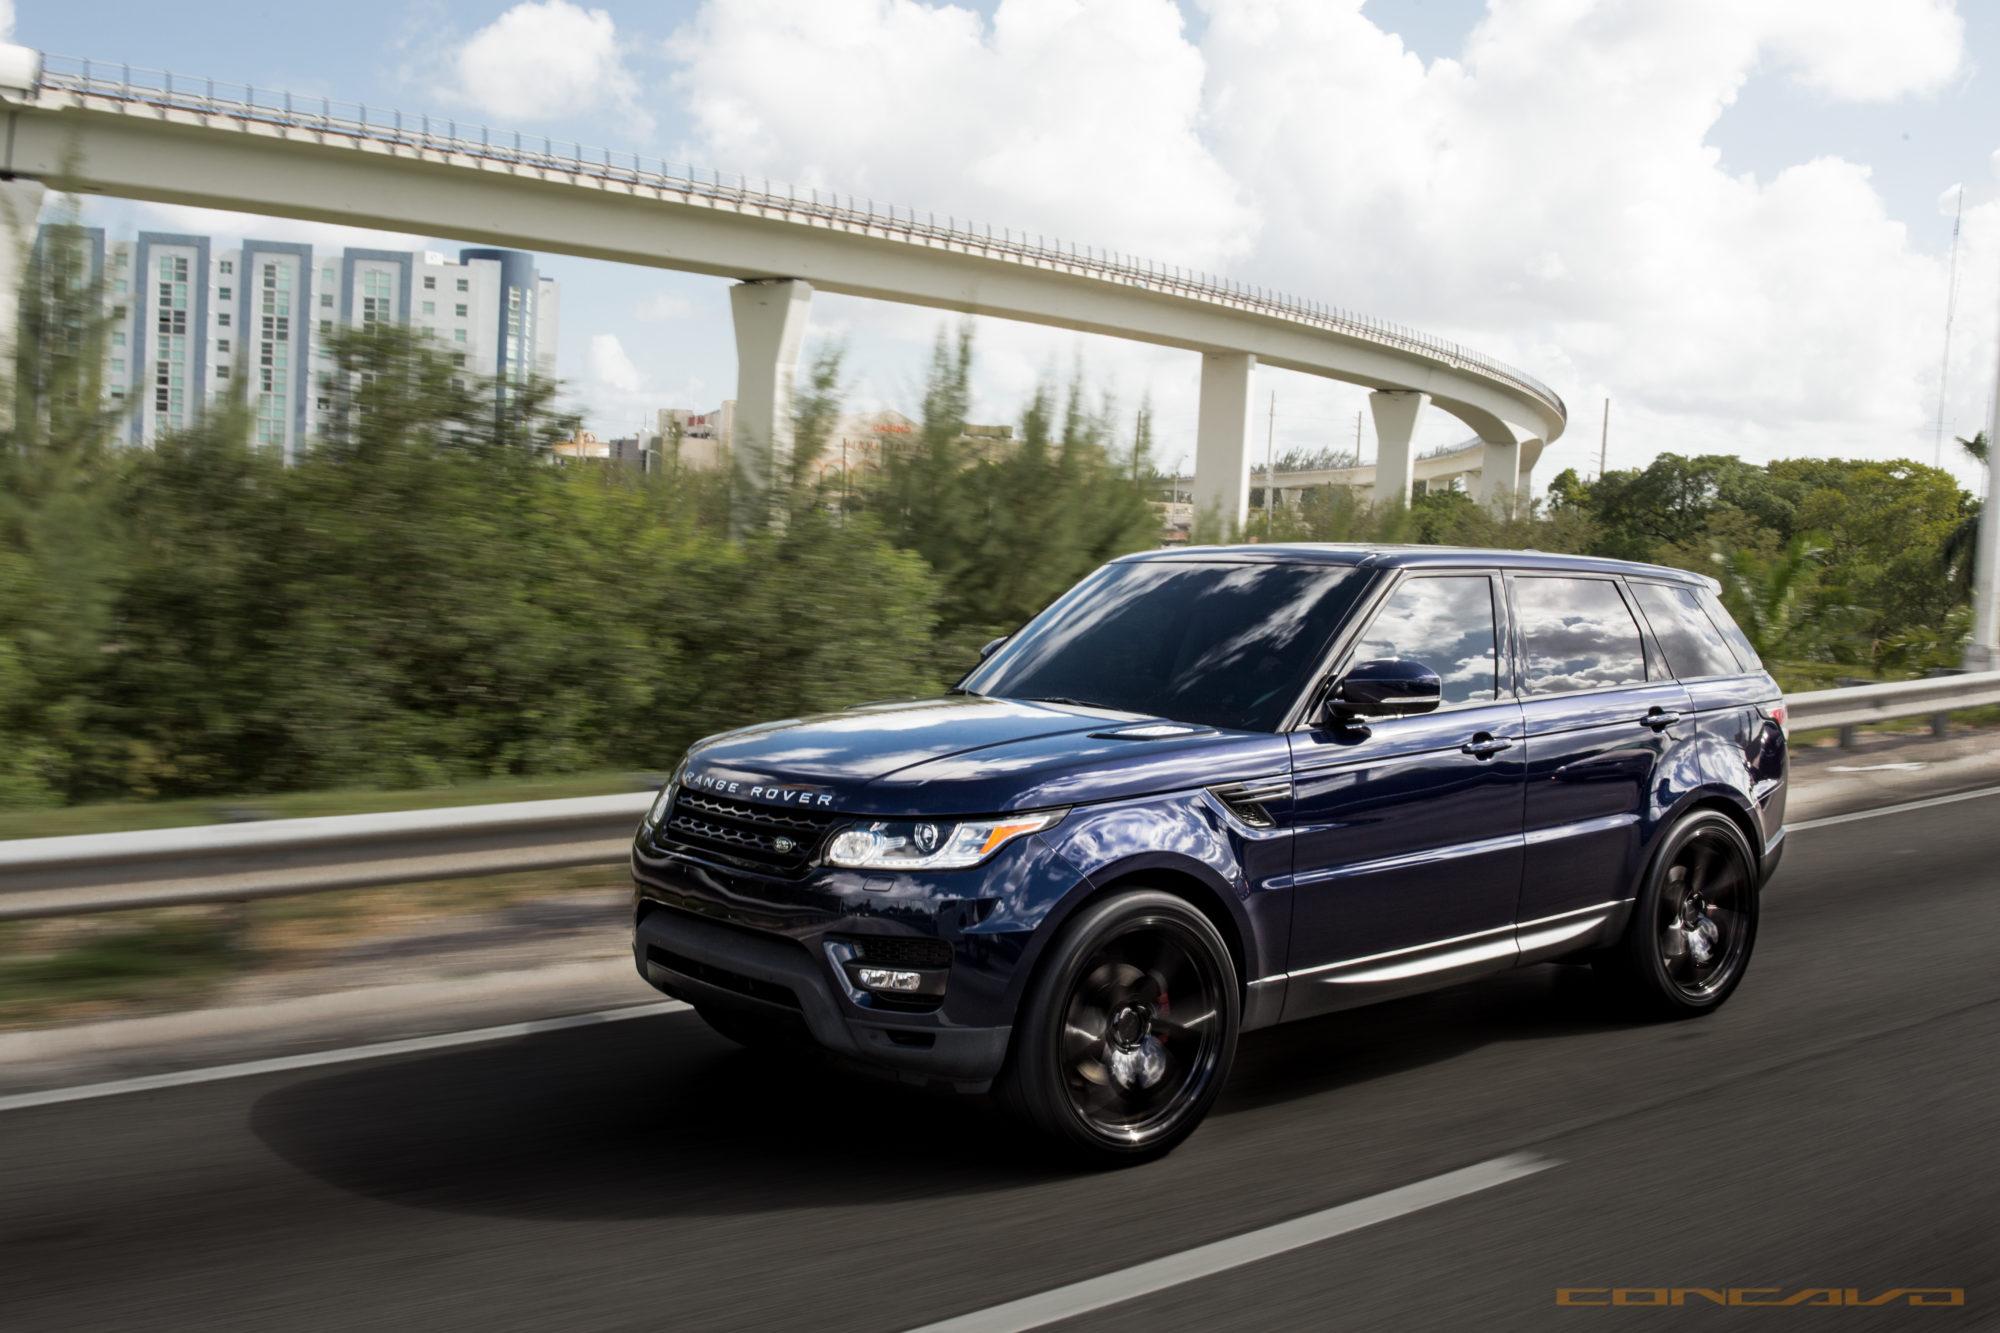 Range Rover on Custom 24″ CW 6 – Concavo Wheels